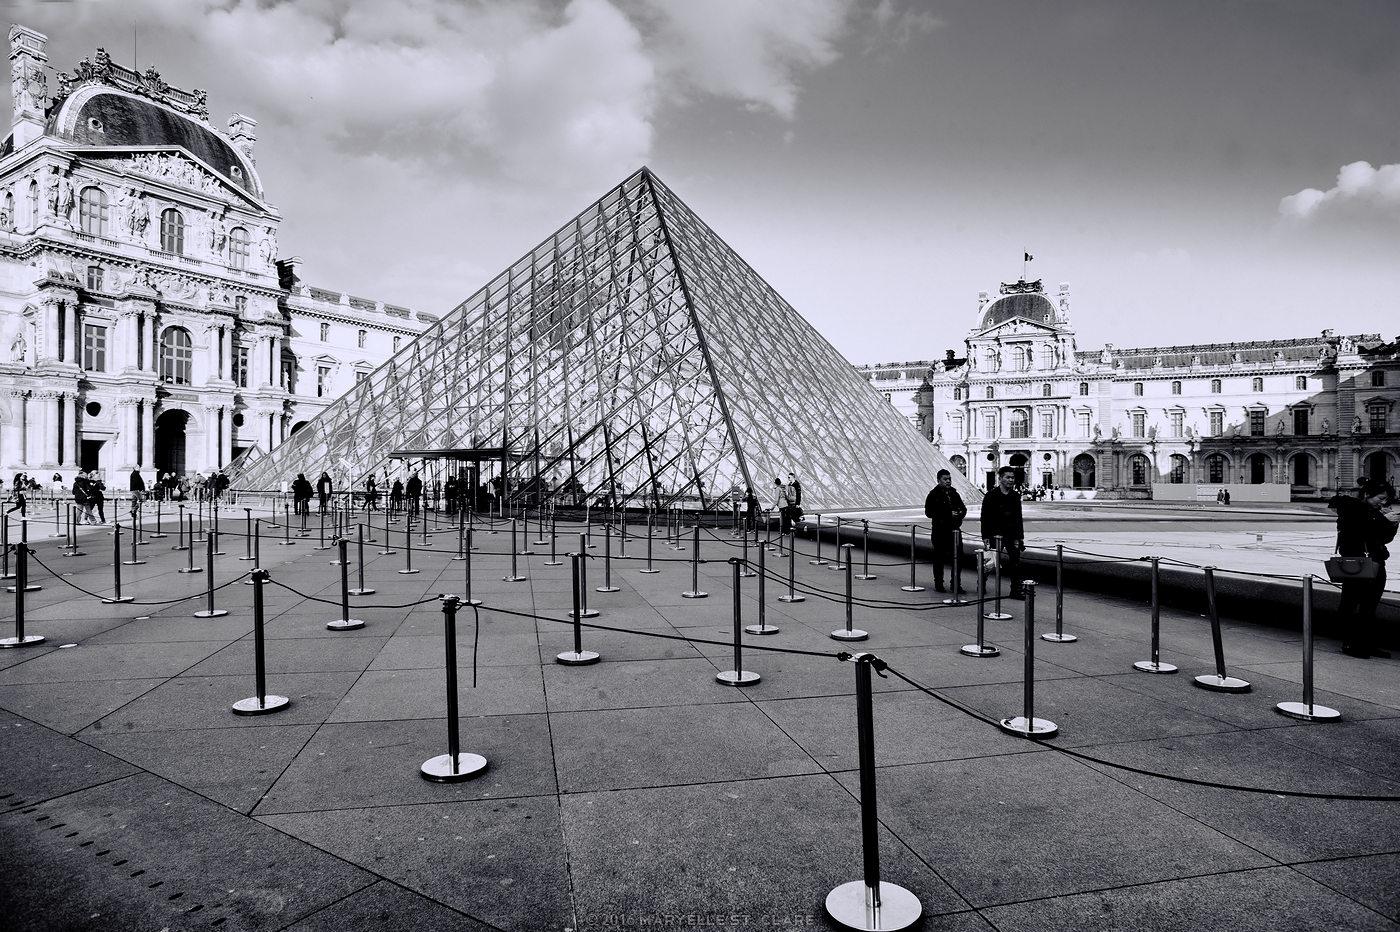 Paris, France, 2016. La Pyramide outside the Louvre.